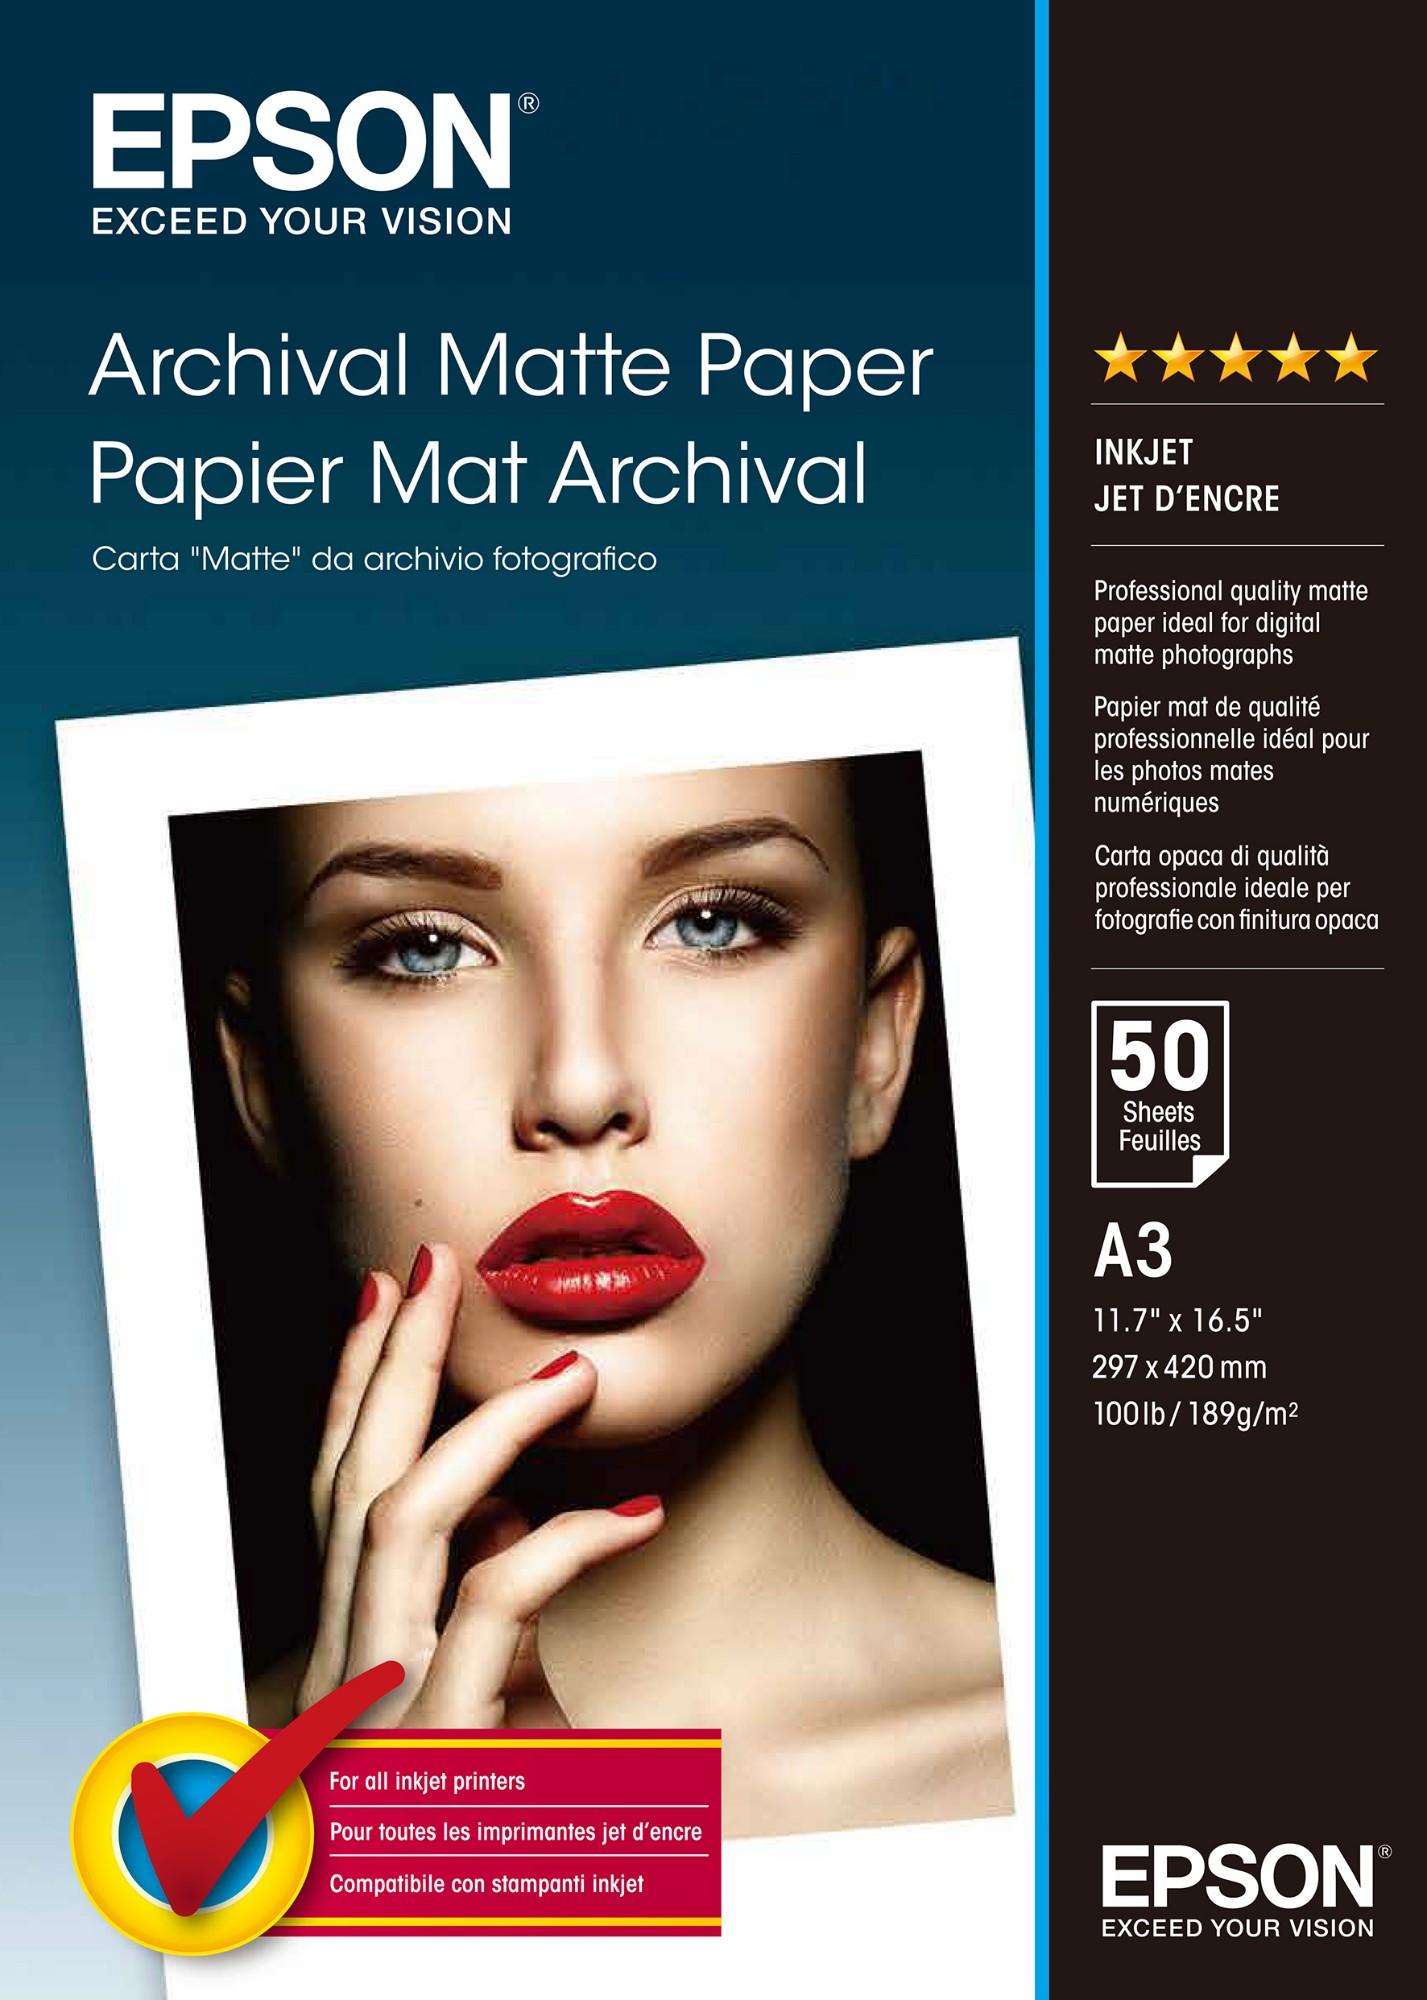 Epson Archival Matte Paper, DIN A3, 189g/m², 50 Sheets